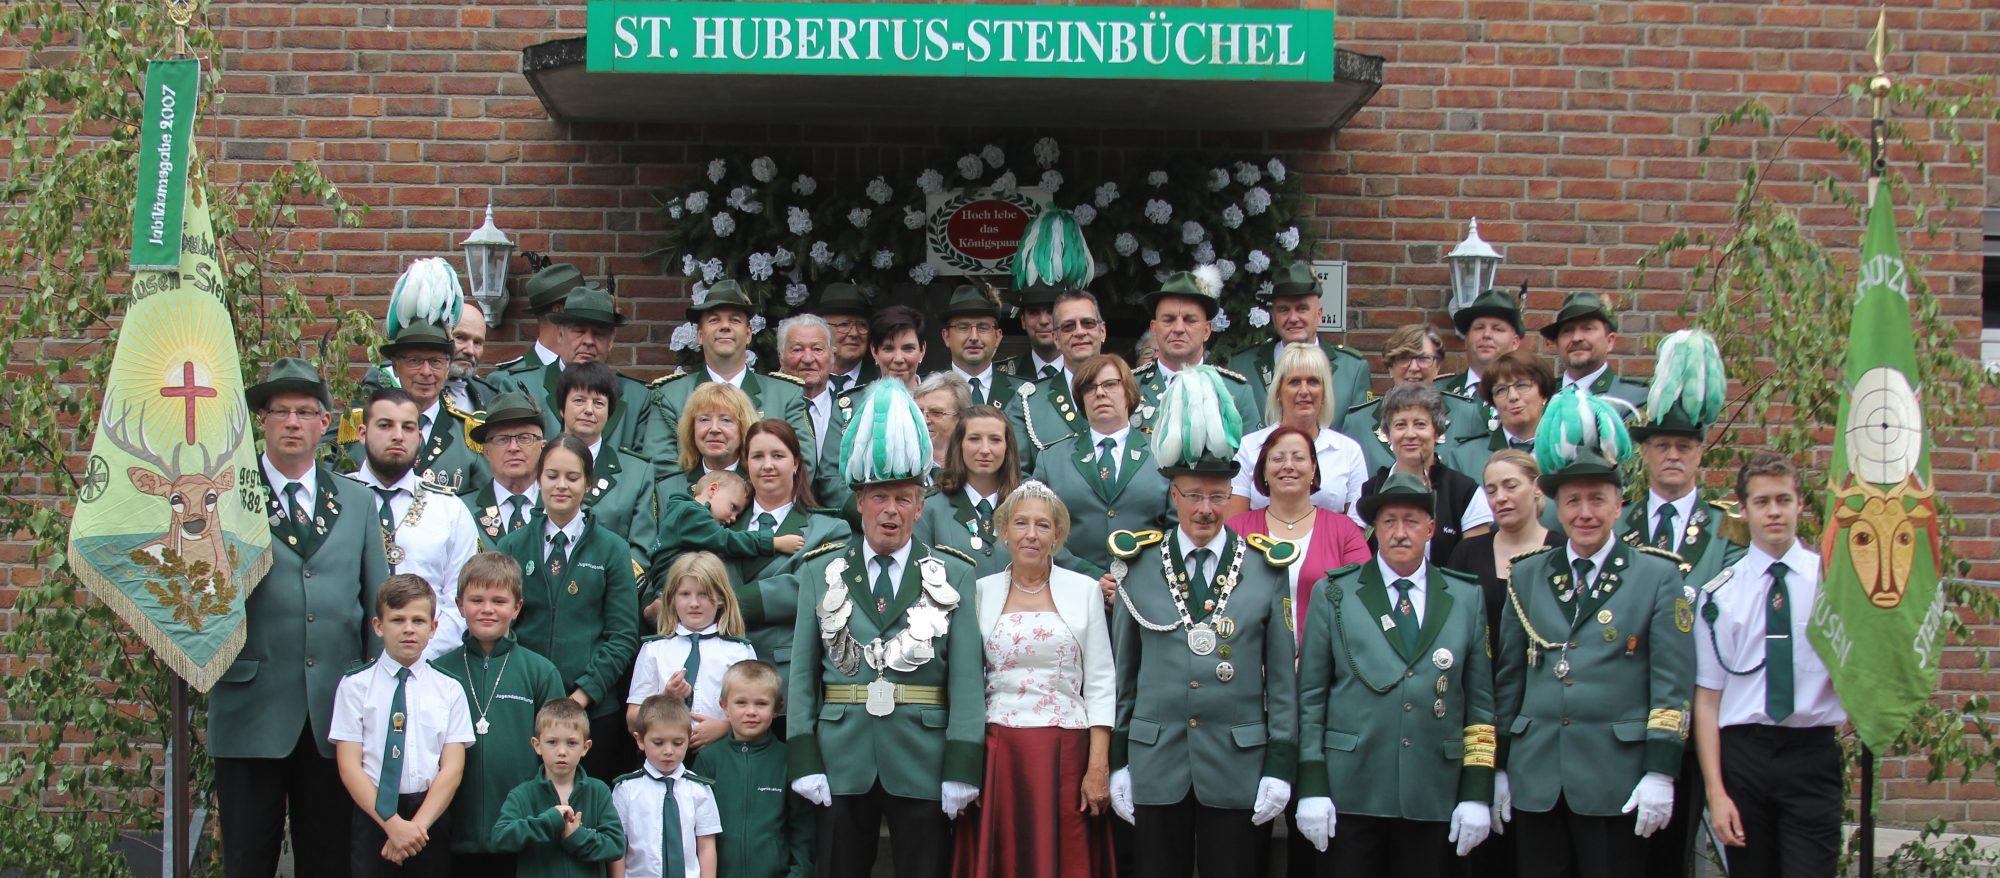 St. Hubertus Schützenbruderschaft Leverkusen-Steinbüchel 1882 e.V.